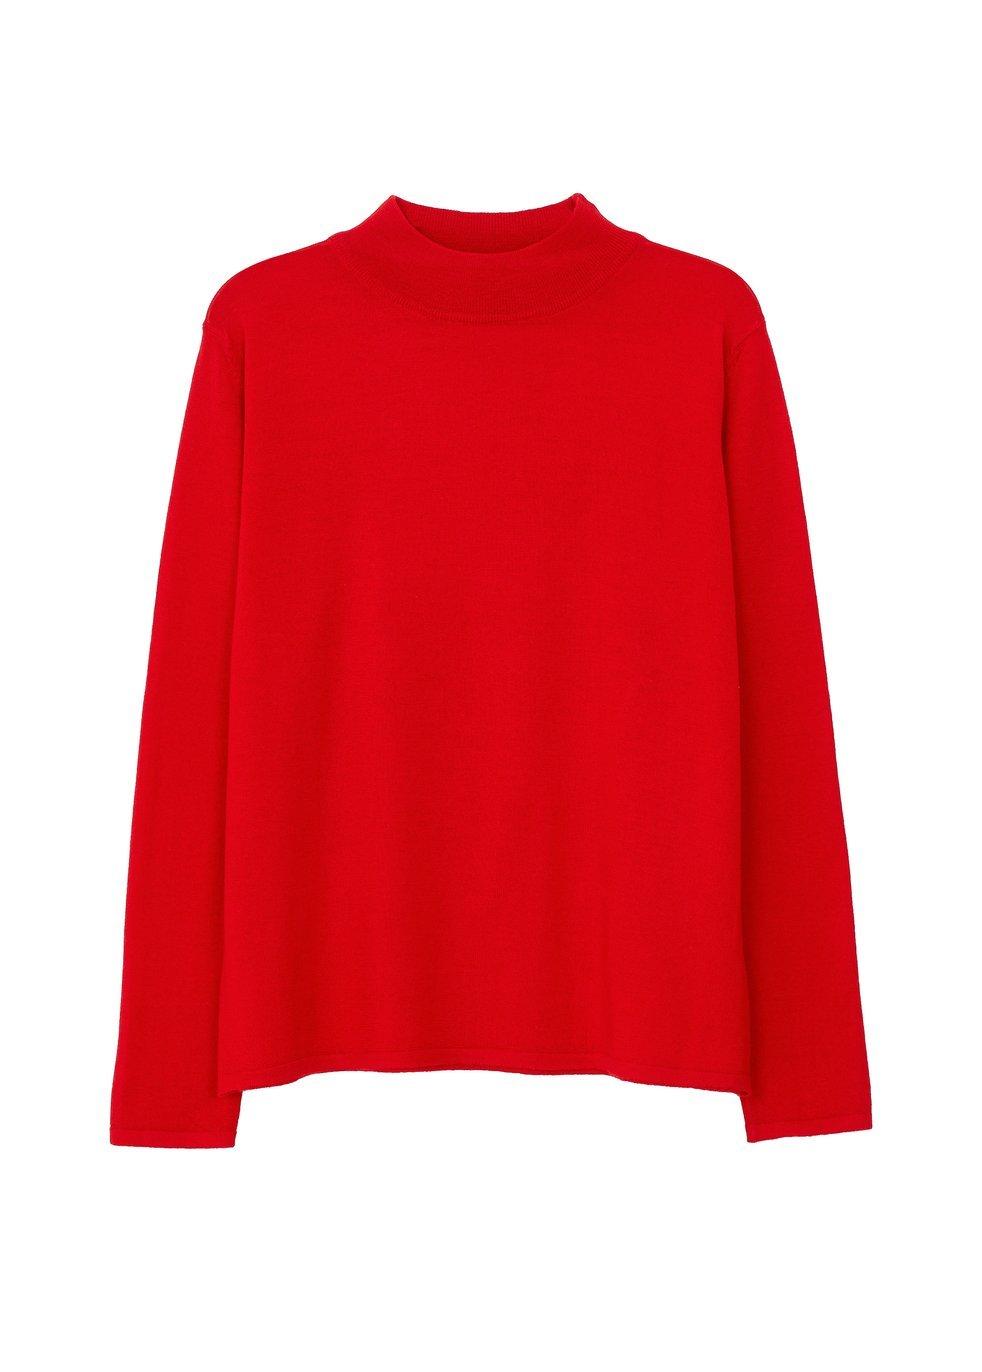 ARELA Joan Merino Wool Sweater In Red